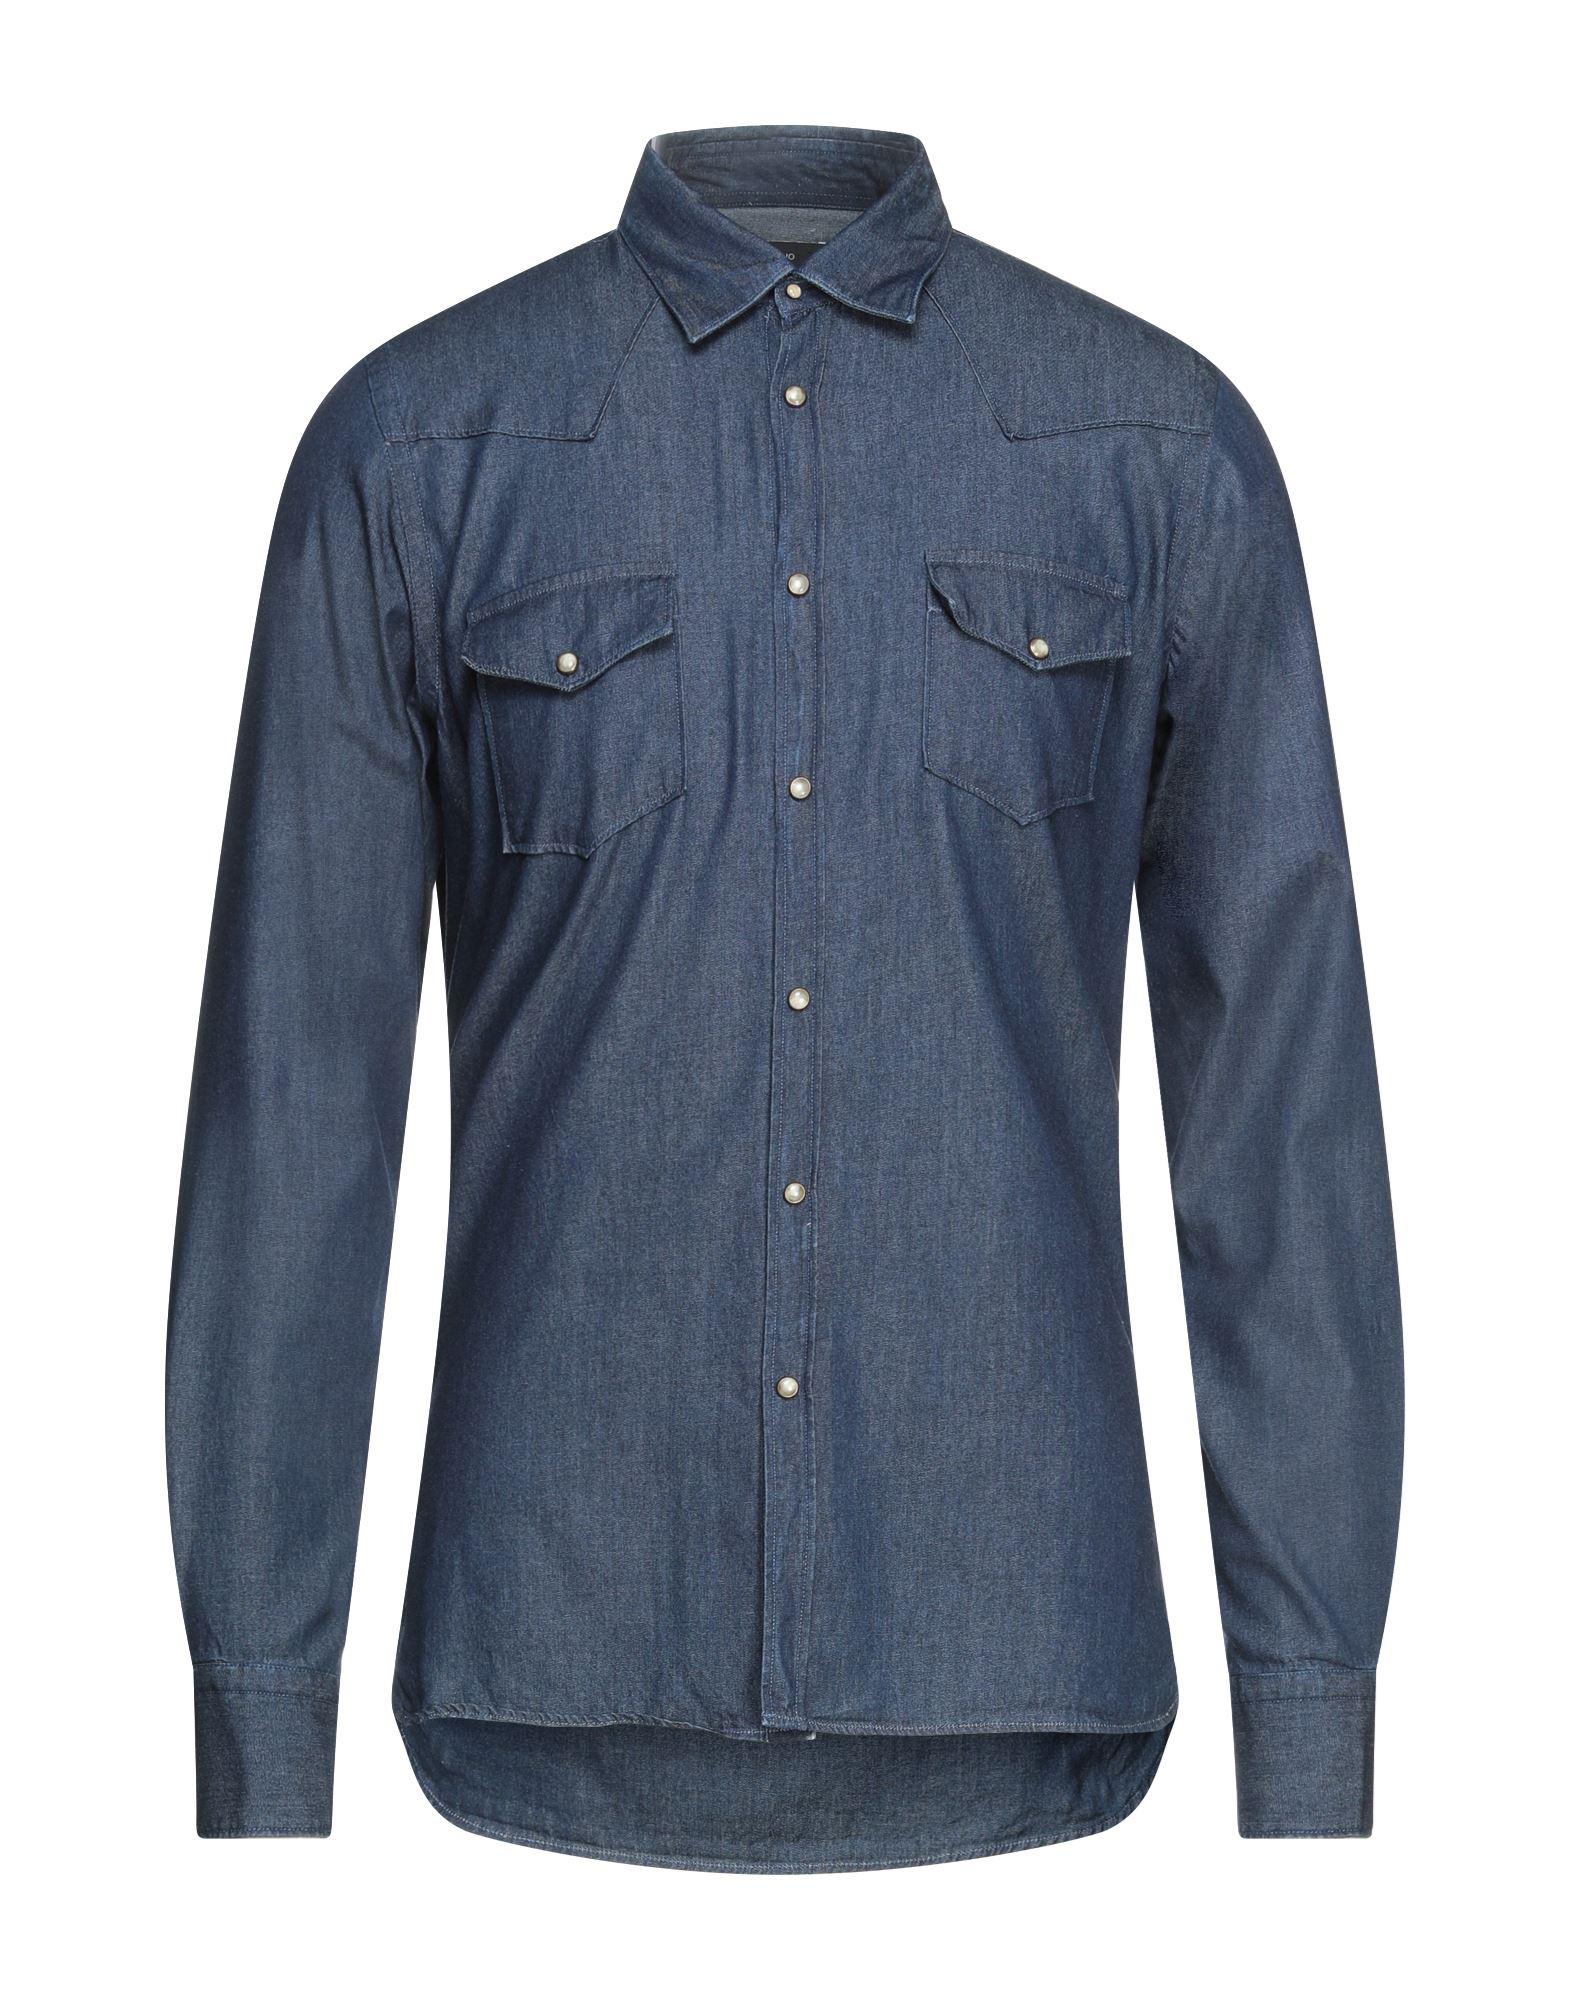 LIU •JO MAN Джинсовая рубашка фото